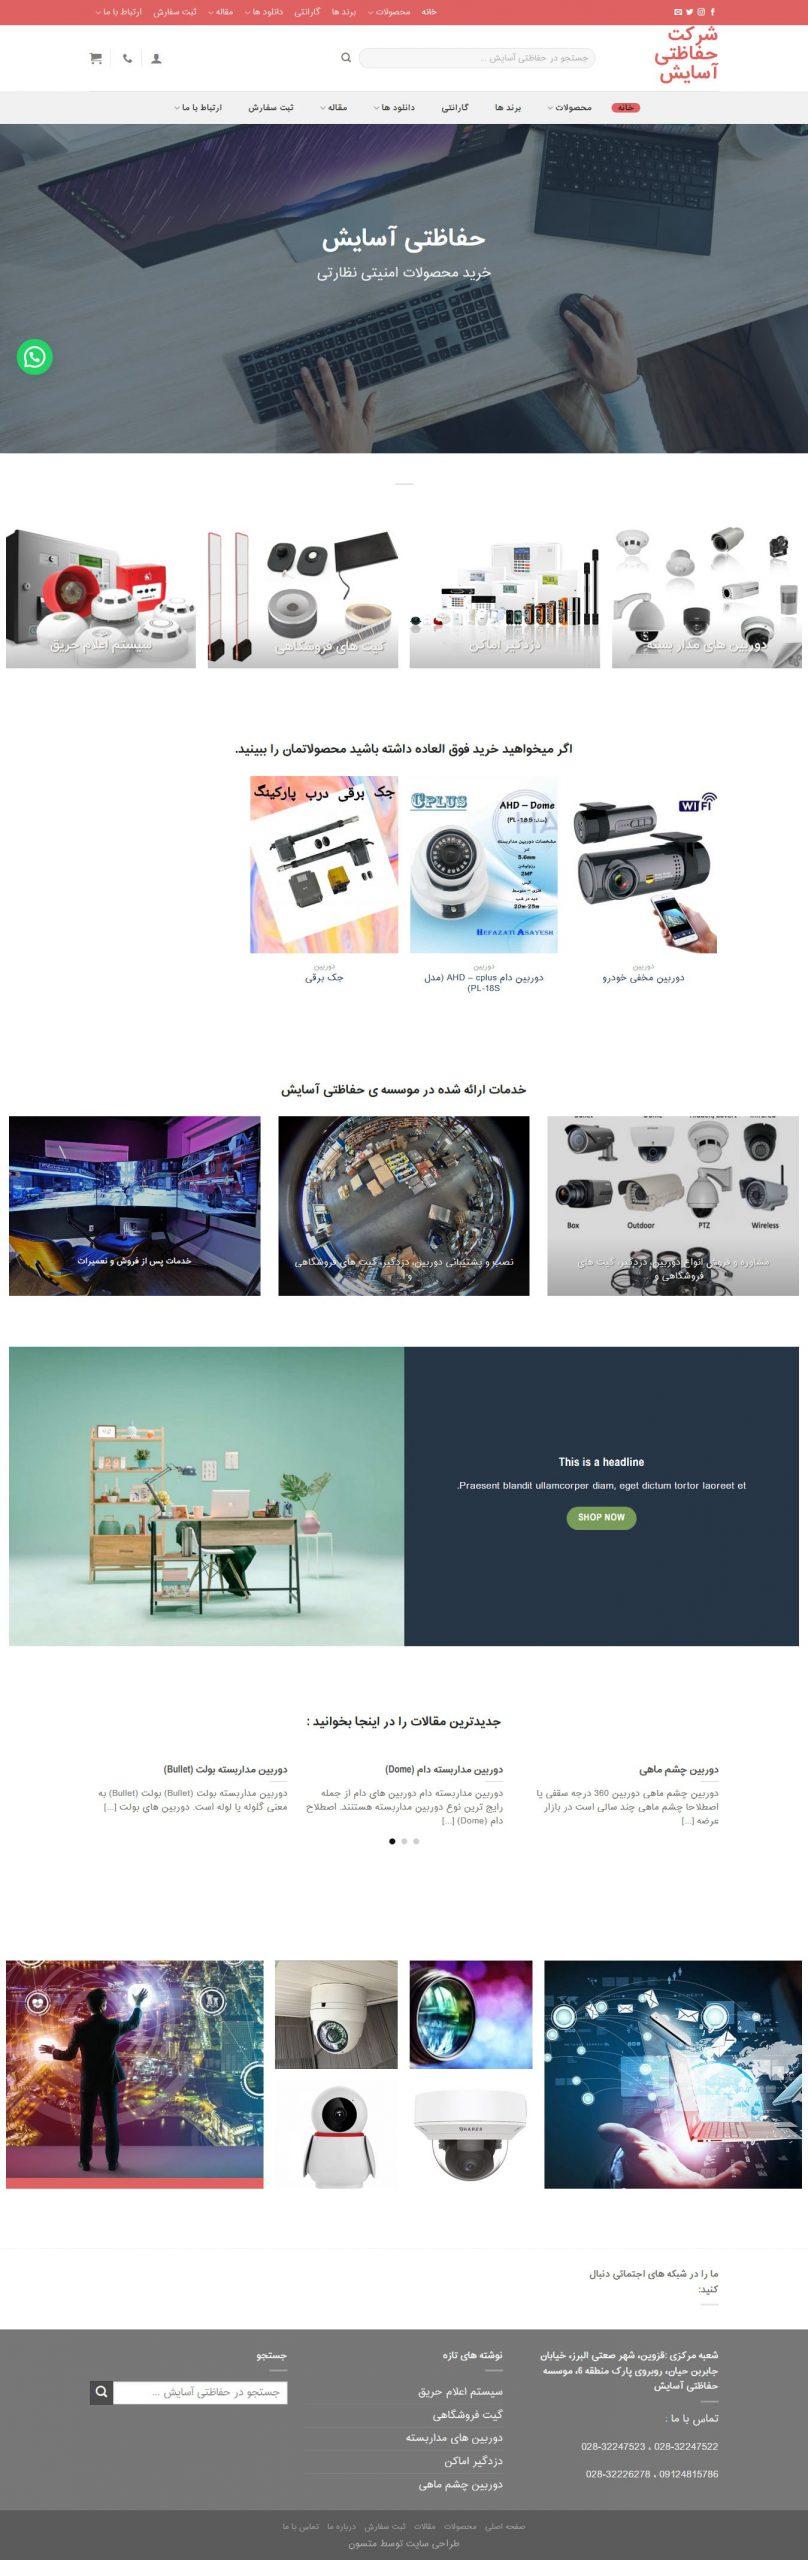 طراحی فروشگاه اینترنتی حفاظتی آسایش